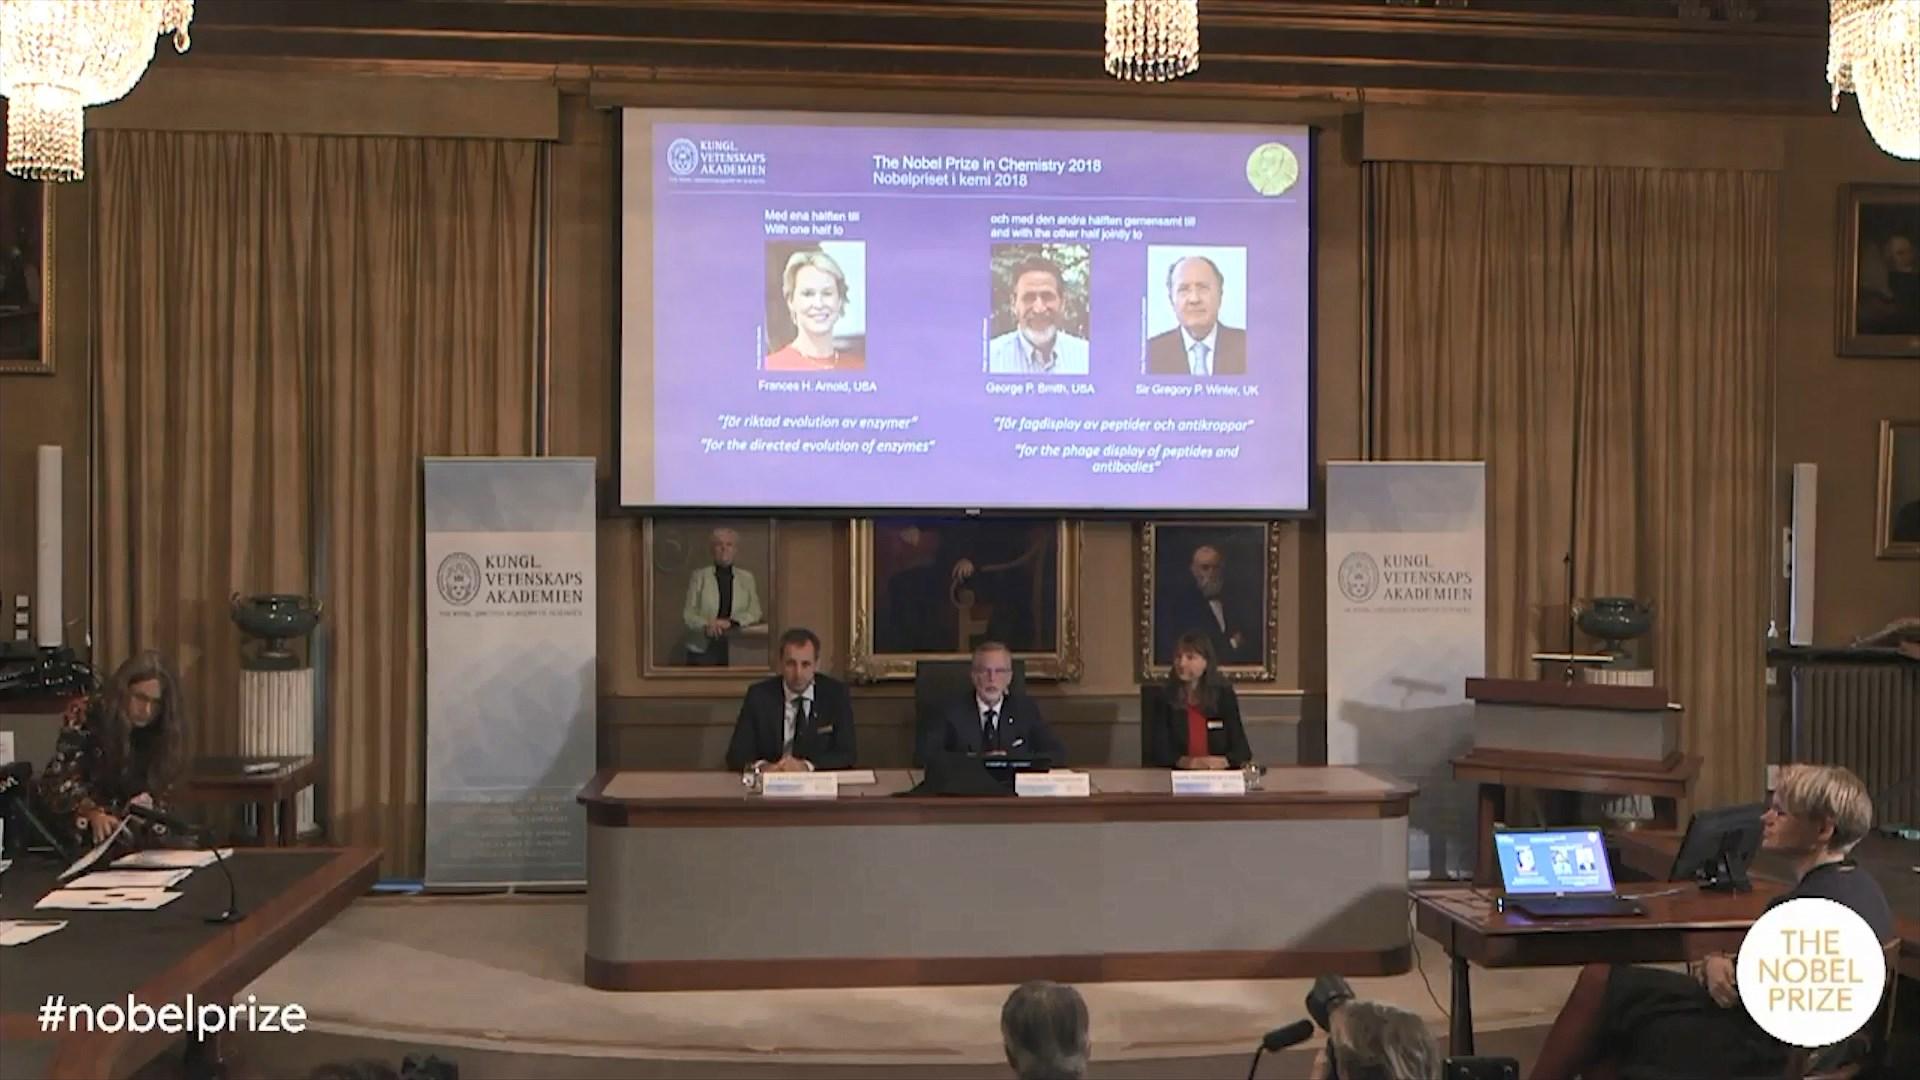 Çmimi Nobel në Kimi, triumfojnë shkencëtarët që studiuan proteinat